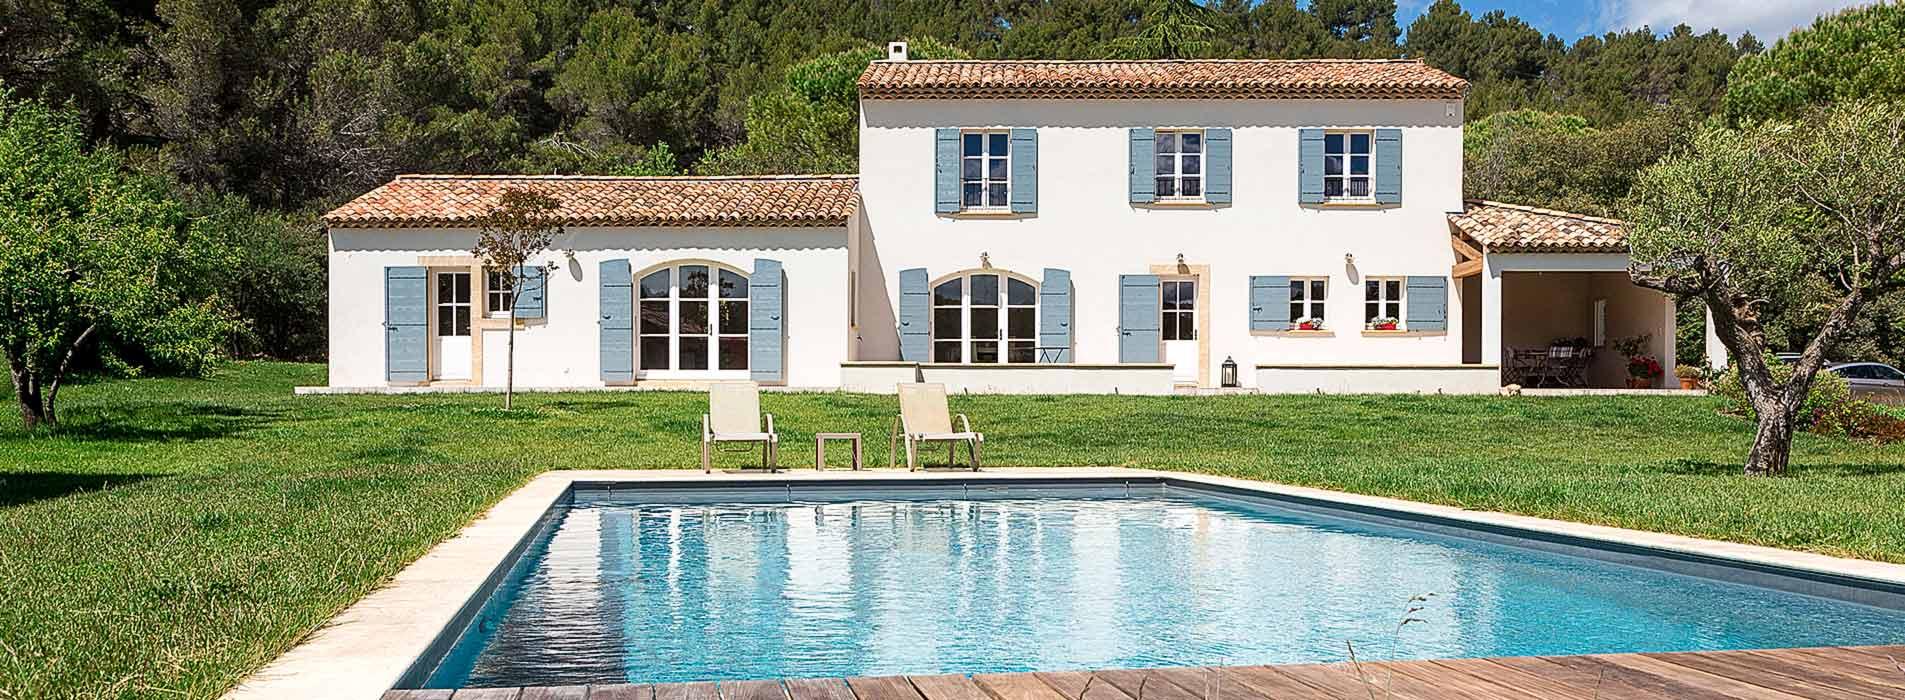 02-constructeur-villa-provencale